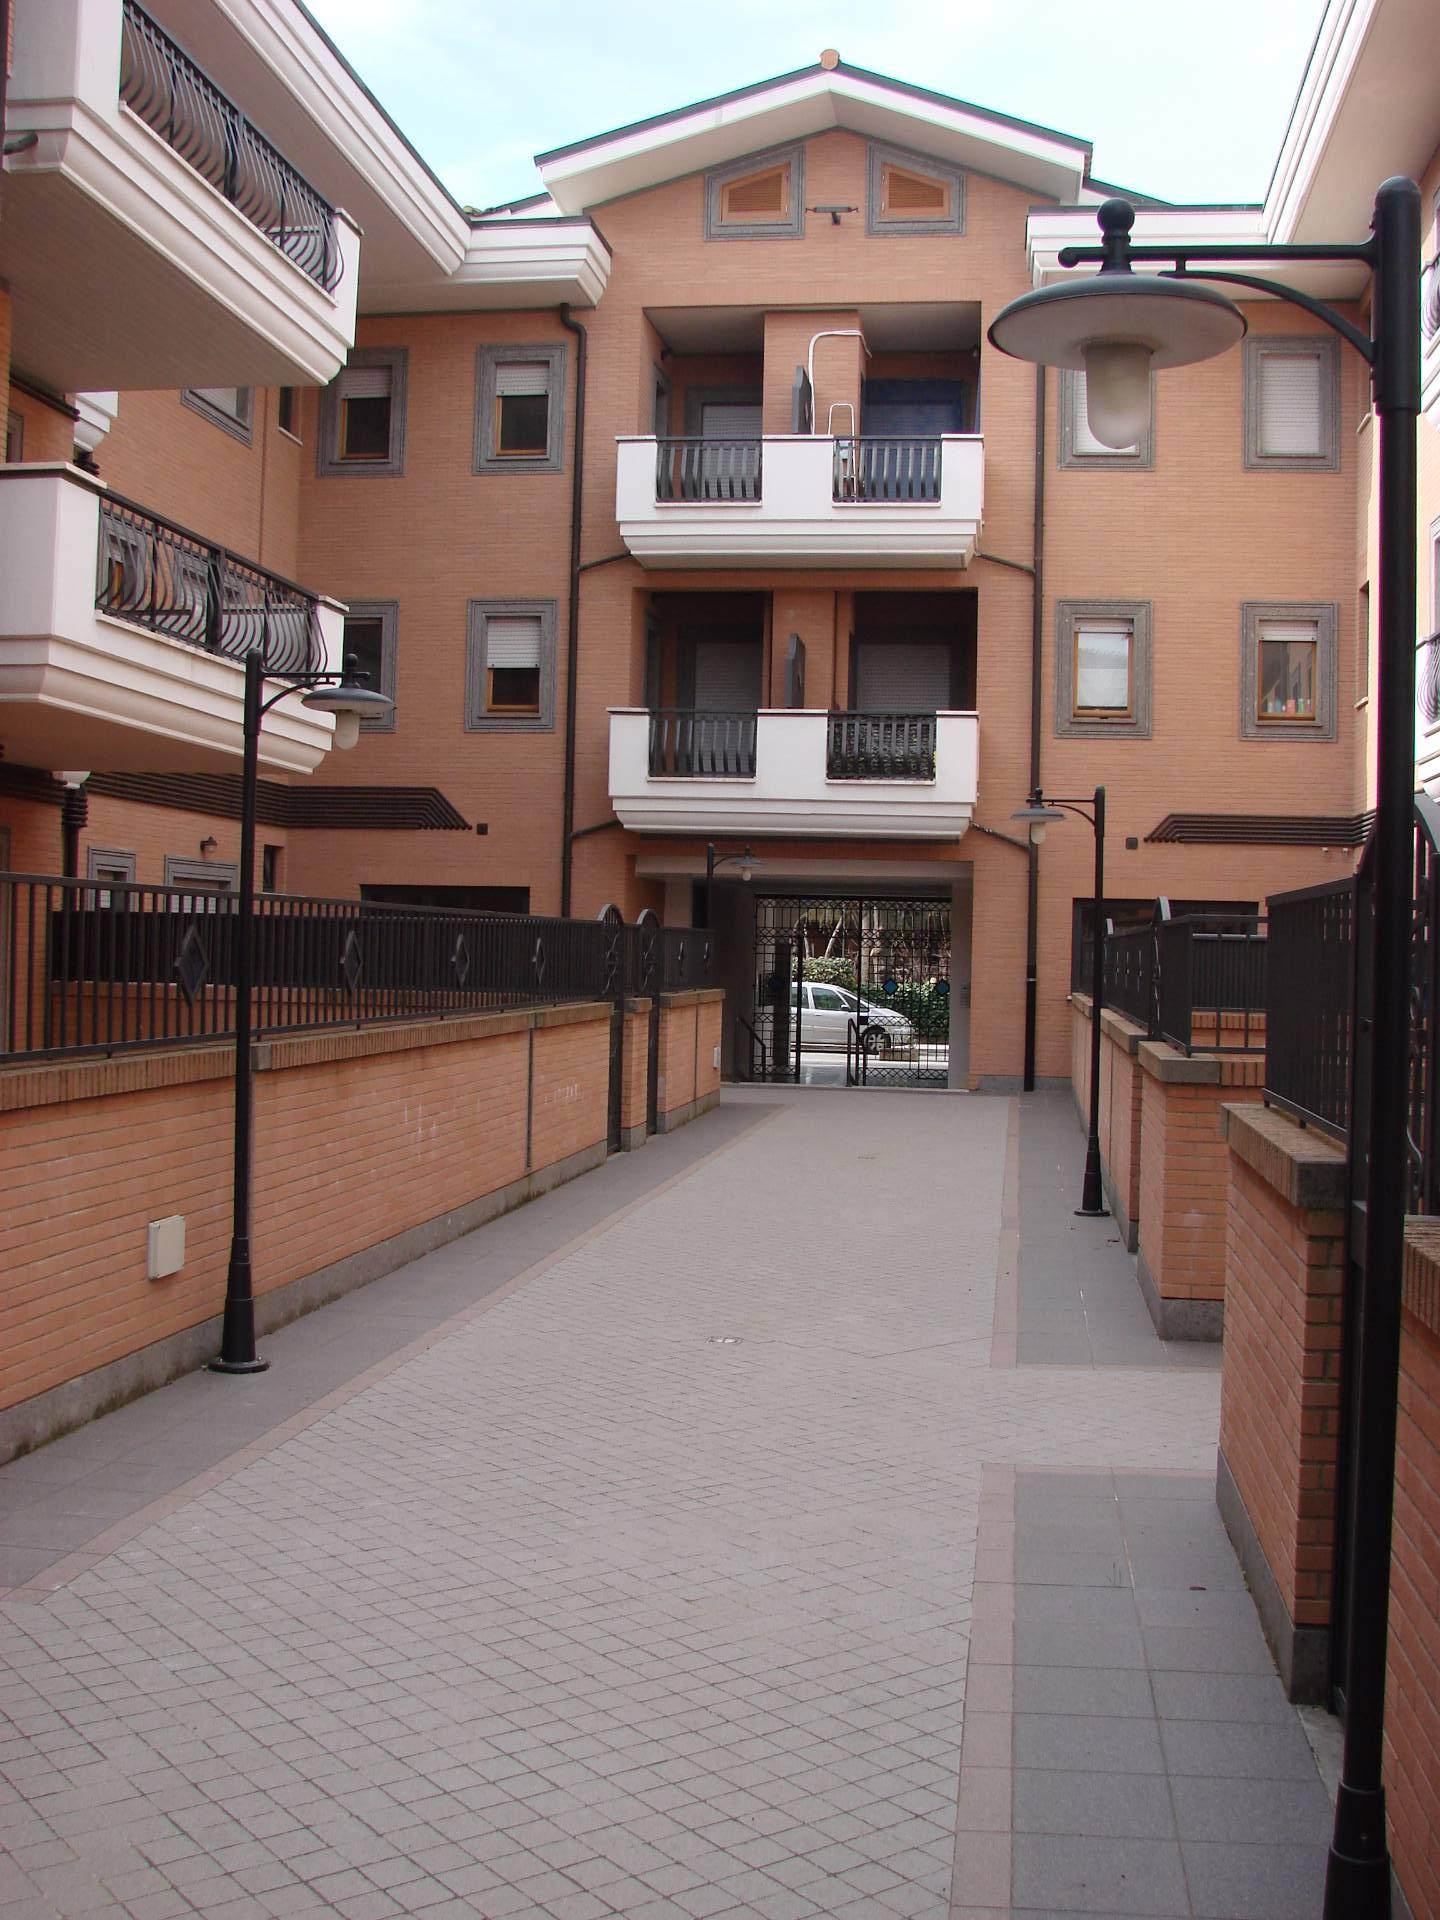 Attico / Mansarda in affitto a Marino, 7 locali, zona Località: S.aMariadelleMole, prezzo € 950 | Cambio Casa.it